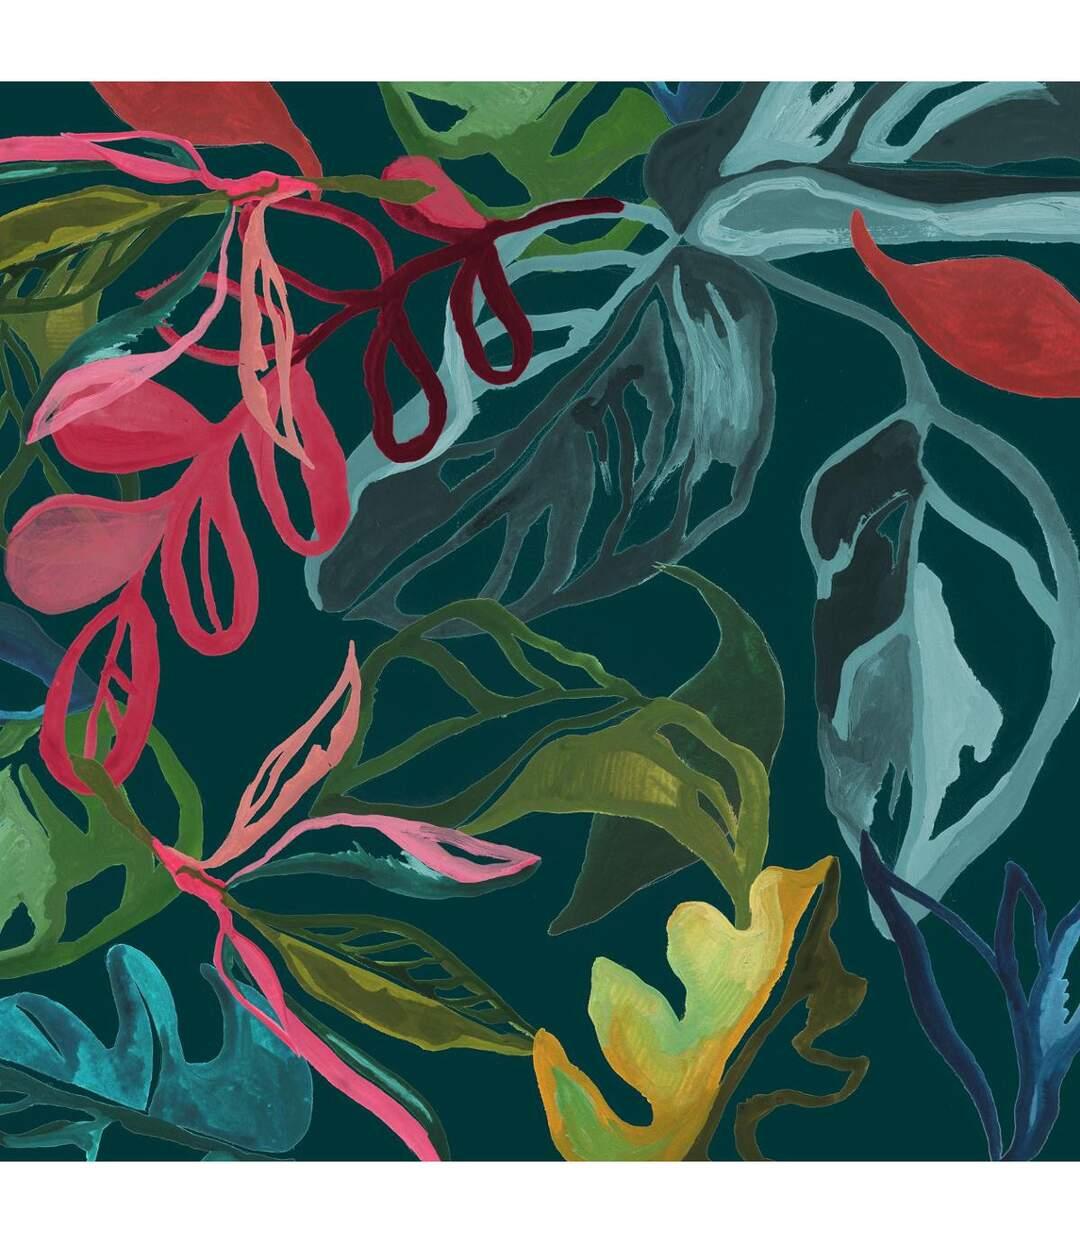 Atmosphera - Parure de lit 2 Personnes 240 x 220 cm Housse de couette avec 2 taies Imprimé Selva